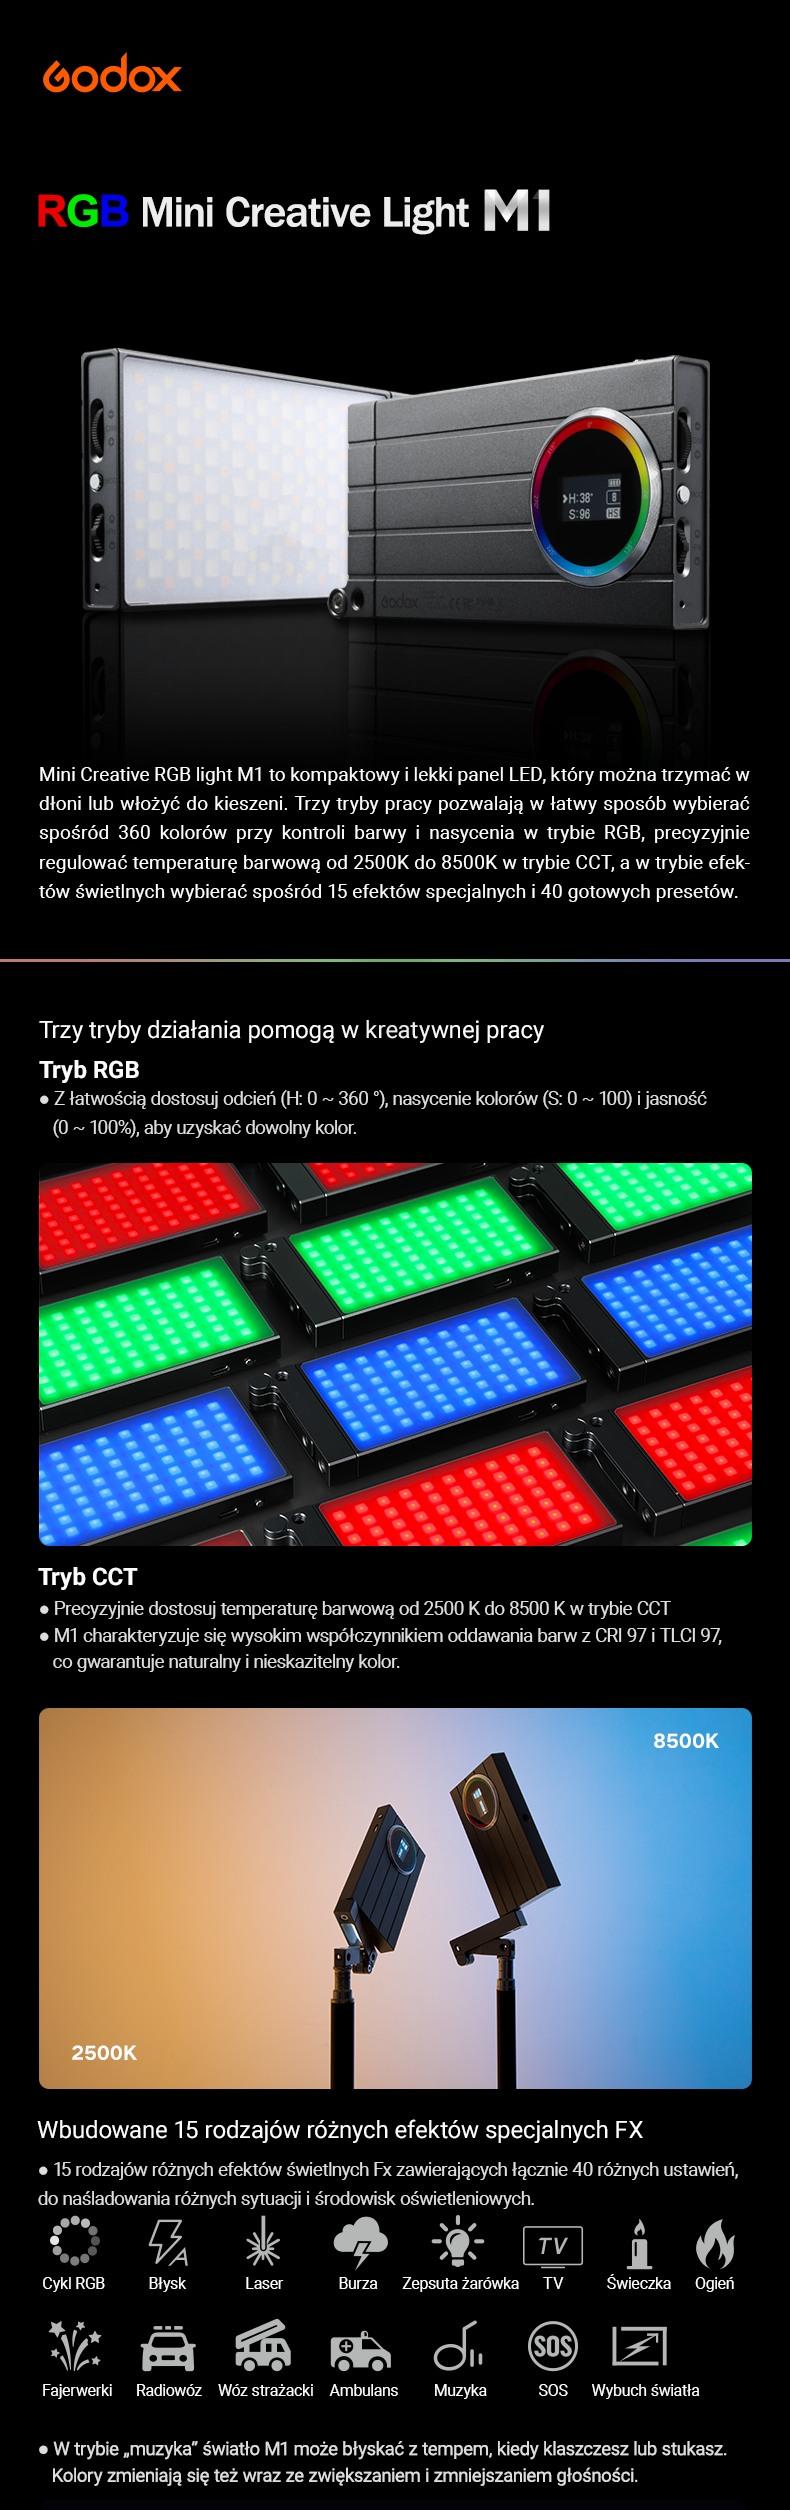 Godox RGB Mini Creative Light M1. Lekki panel LED, tryb RGB, Tryb CCT. Wbudowane 15 rodzajów efektów optycznych FX.